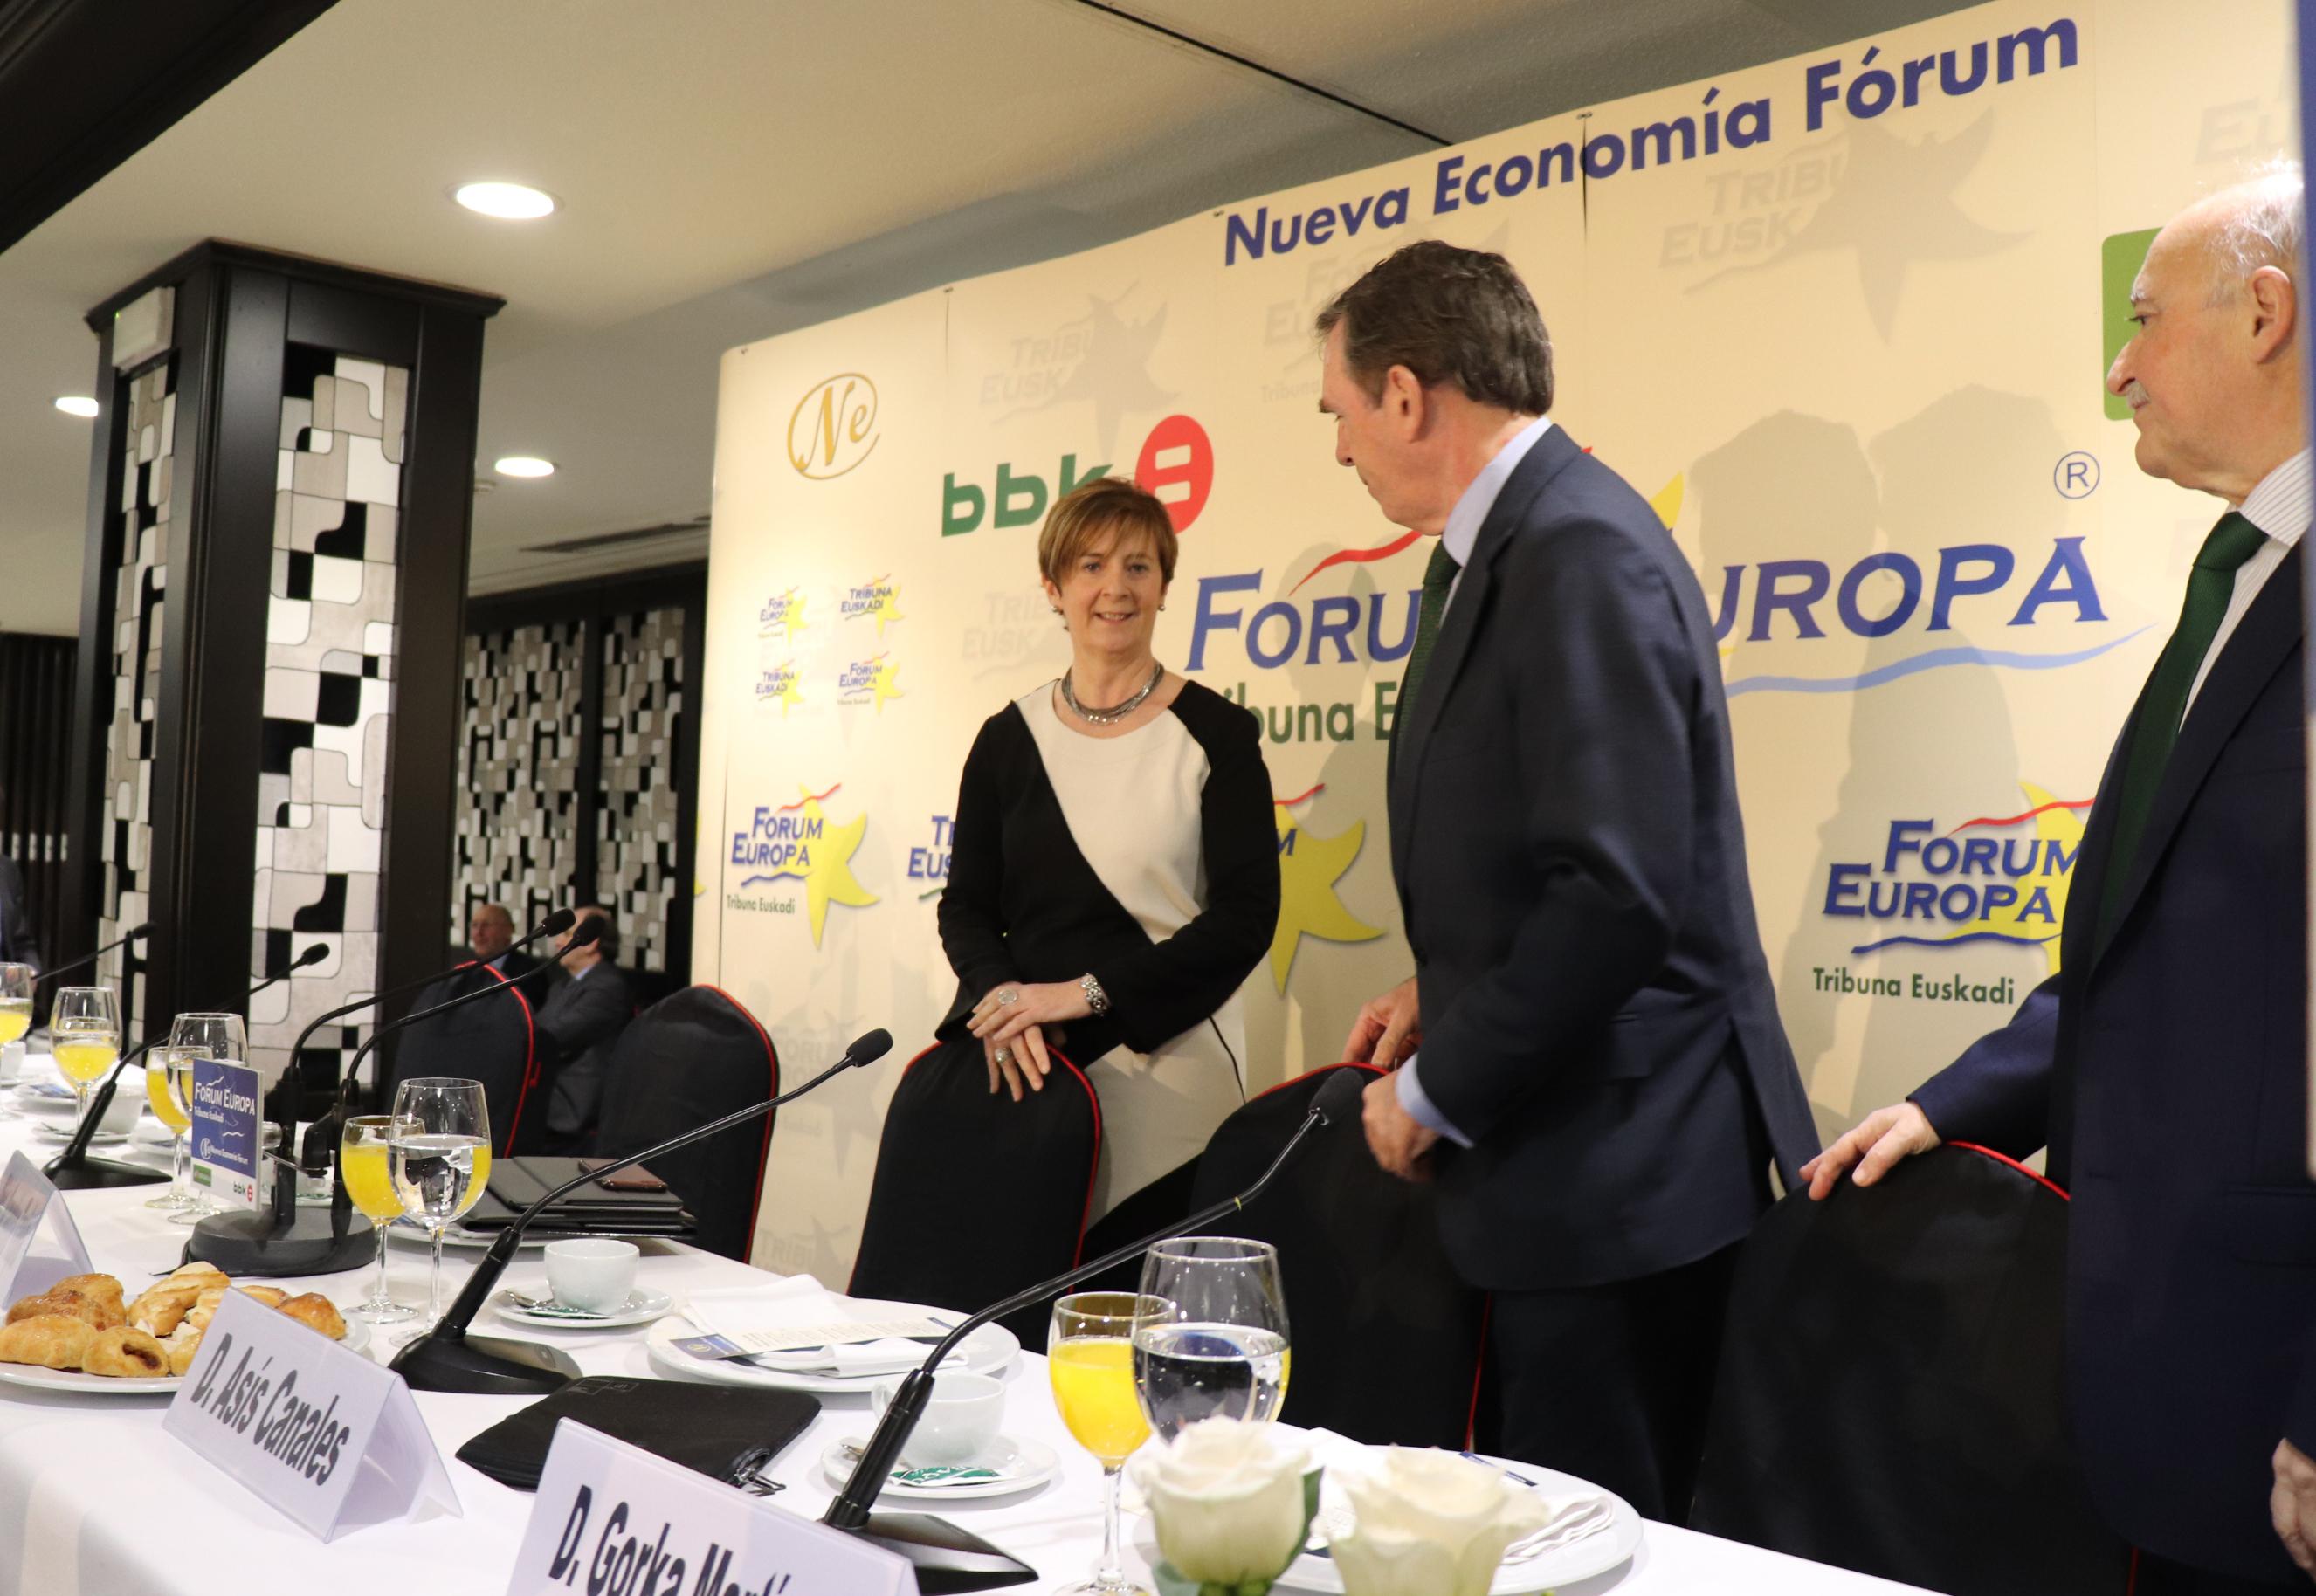 foro_nueva_economia_10.jpg